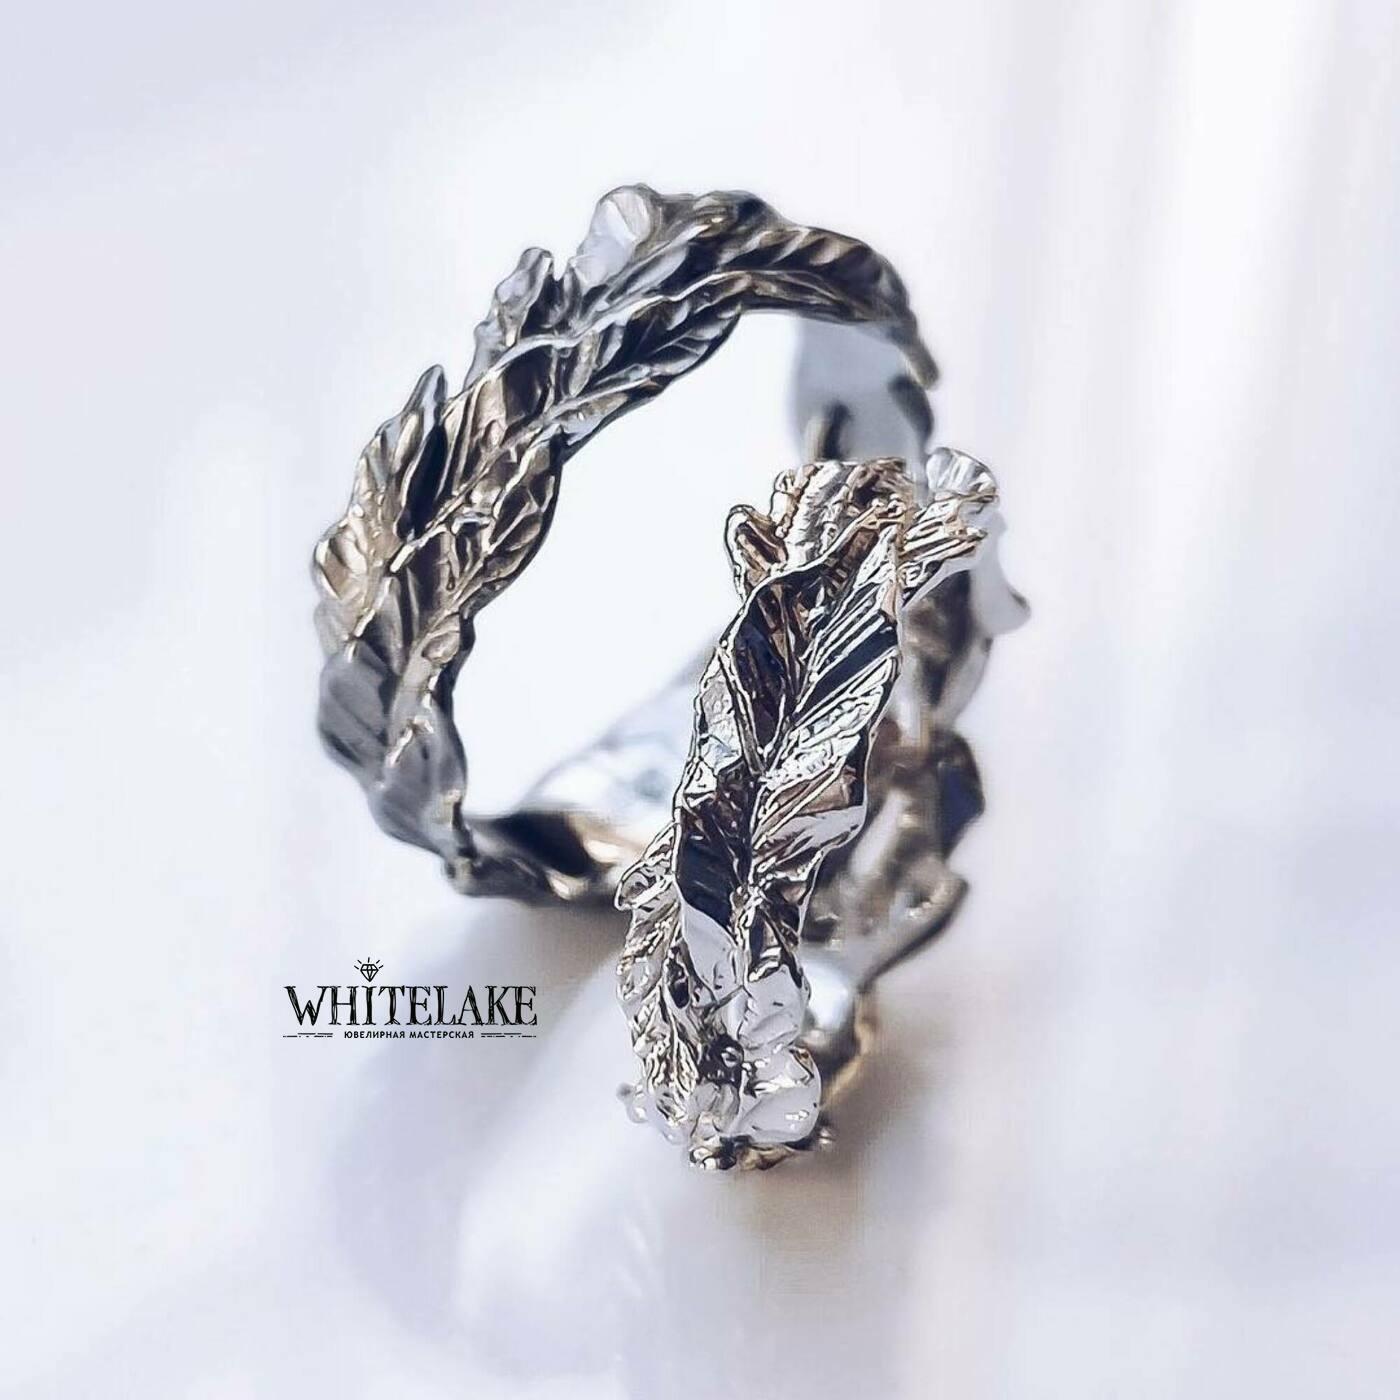 Обручальные кольца листья - купить по выгодной цене с доставкой от Whitelake